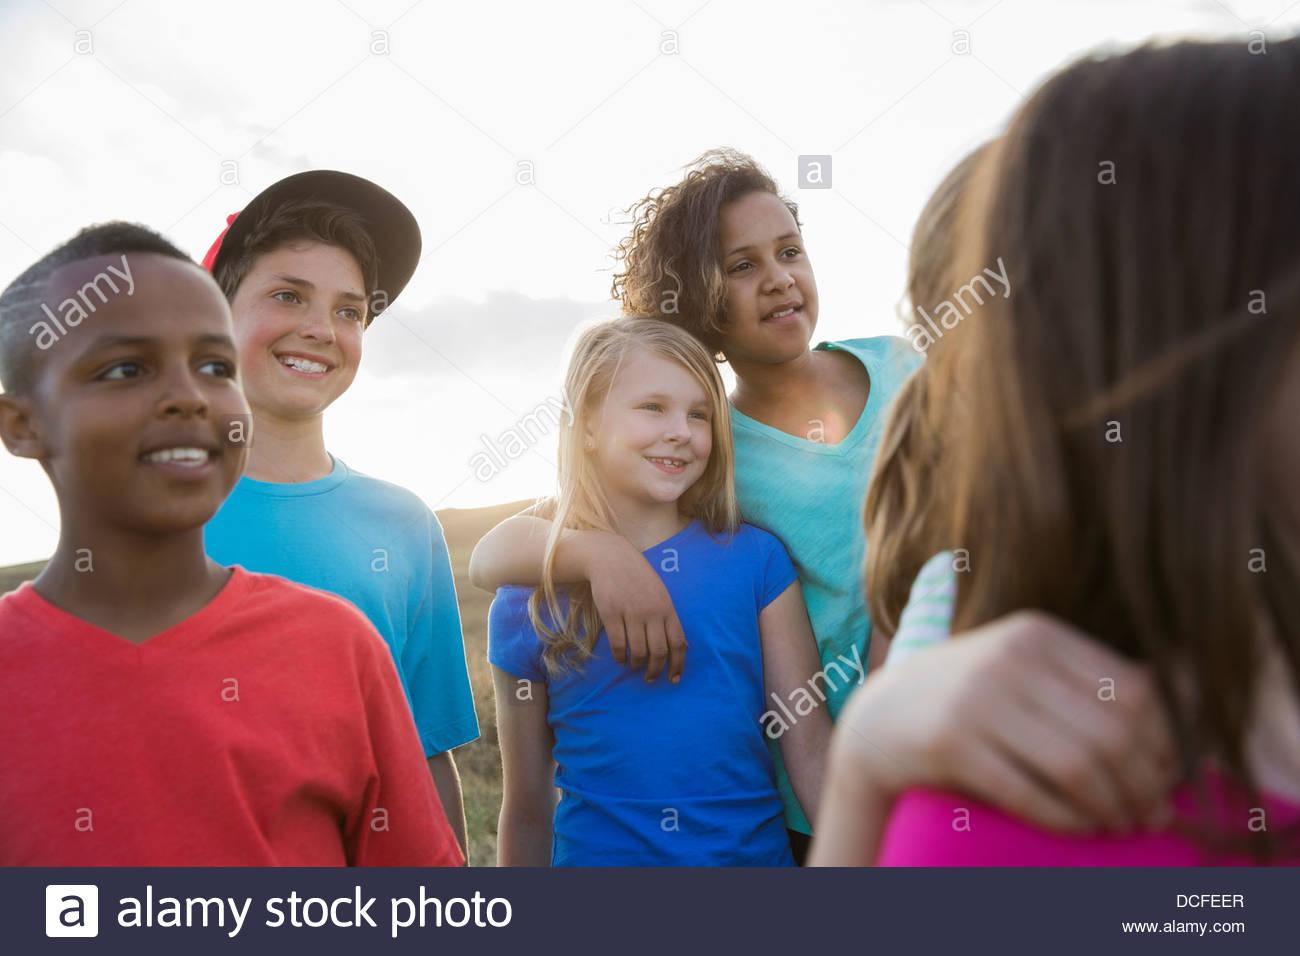 Groupe d'enfants Standing together outdoors Banque D'Images